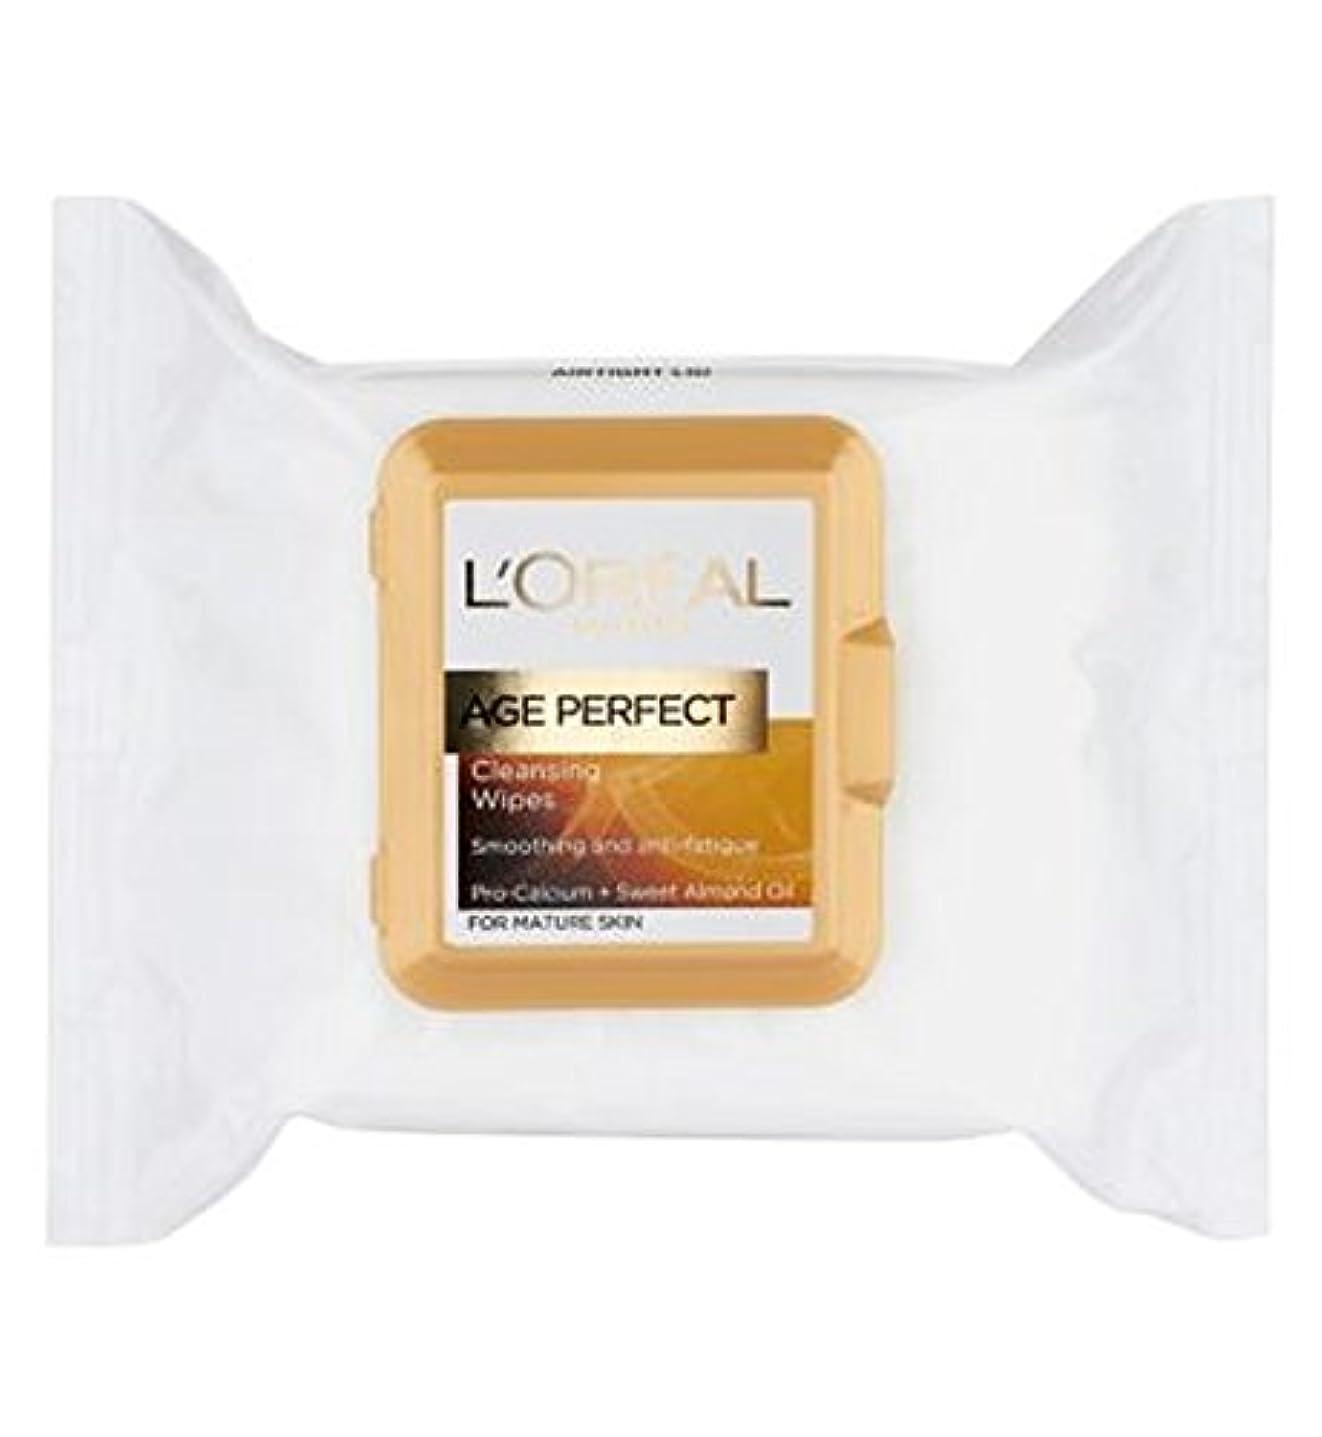 仲間ワークショップヶ月目完璧なクレンジングを平滑L'Oreall真皮専門知識の年齢は成熟した皮膚の25S用のワイプ (L'Oreal) (x2) - L'Oreall Dermo-Expertise Age Smoothing Perfect Cleansing Wipes For Mature Skin 25s (Pack of 2) [並行輸入品]